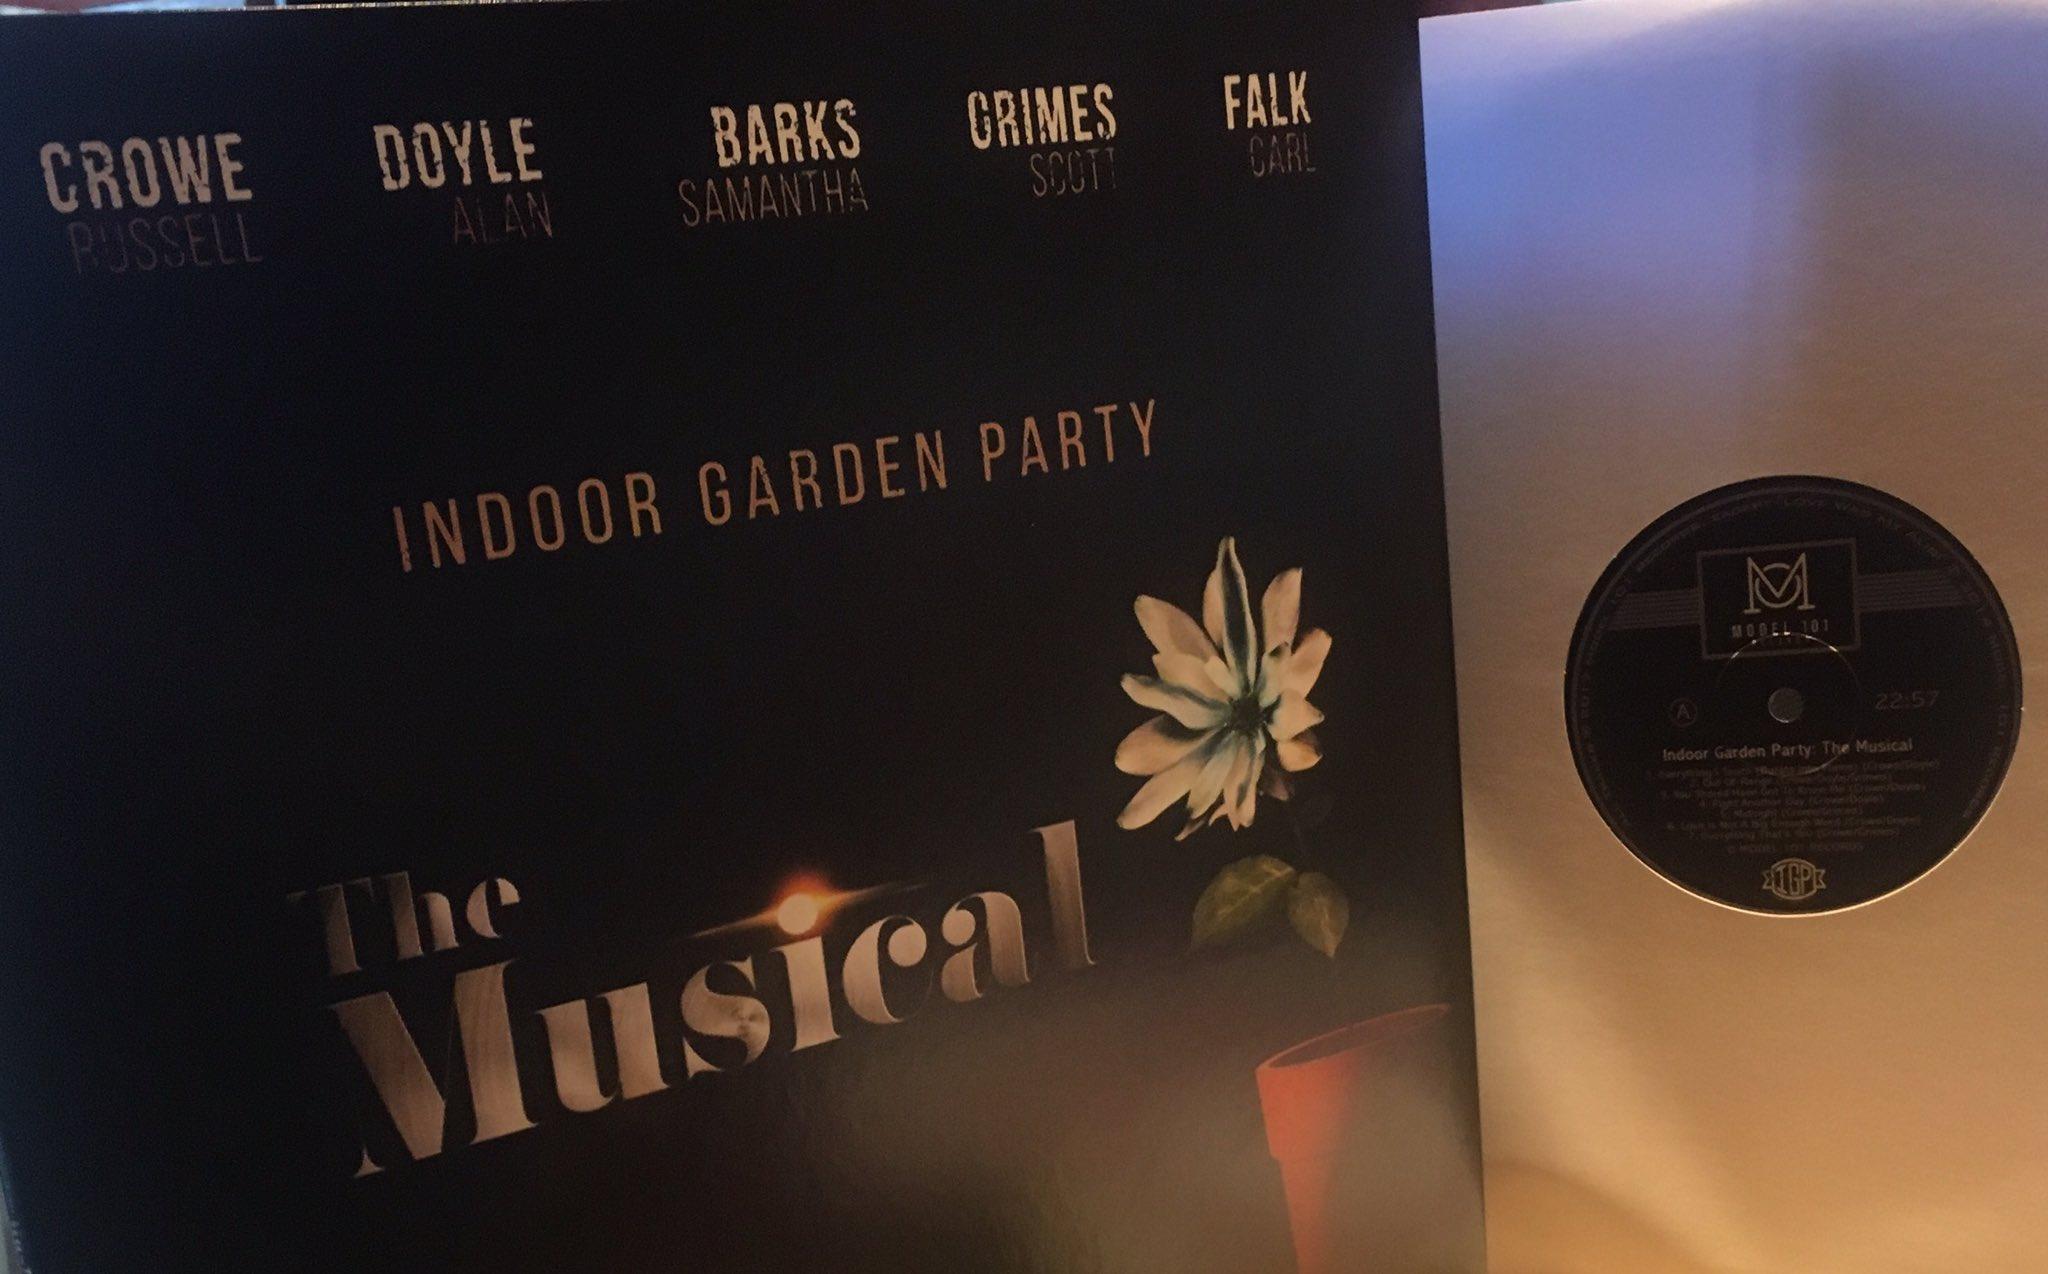 Order yours on vinyl , cd or digitally now https://t.co/UVlOorhcLQ https://t.co/loENsCb5Dv